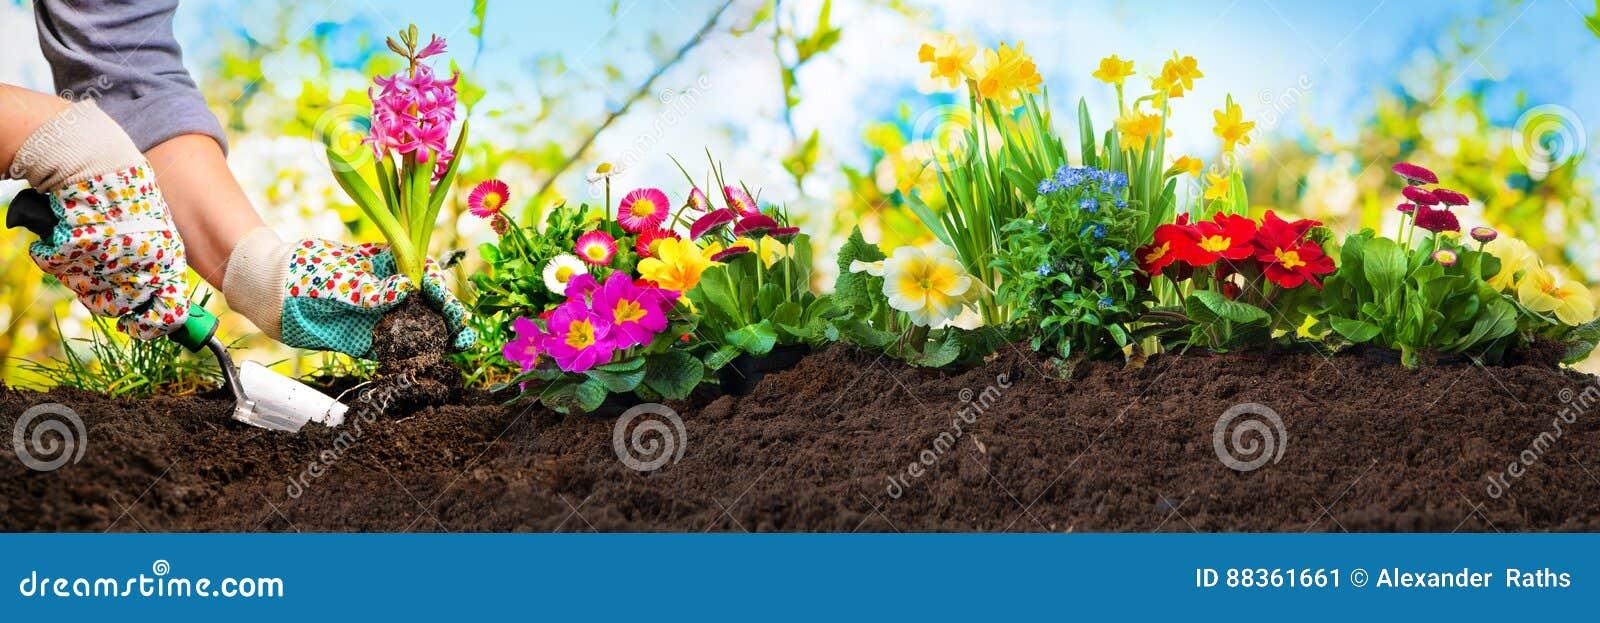 Piantatura dei fiori in un giardino